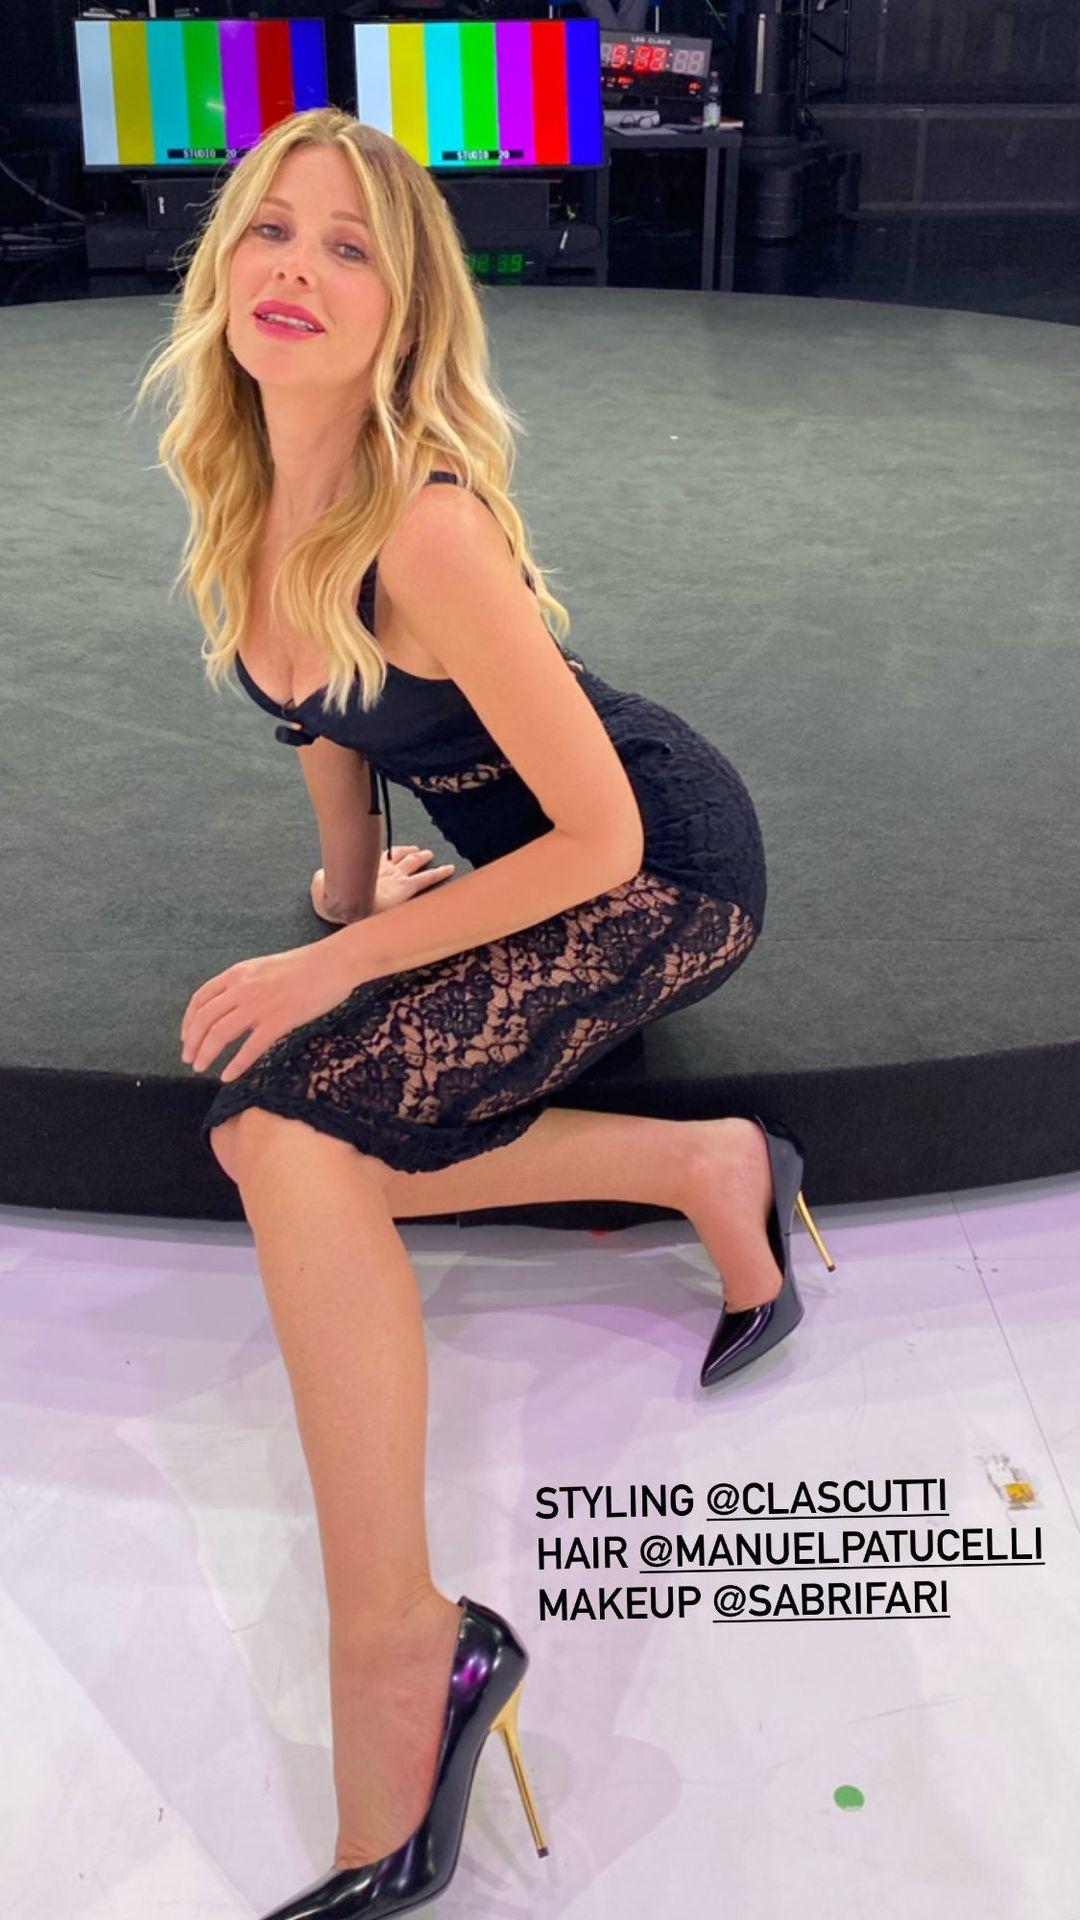 Alessia Marcuzzi tacchi alti neri oro abbigliamento Dolce e Gabbana le iene show 1 giugno